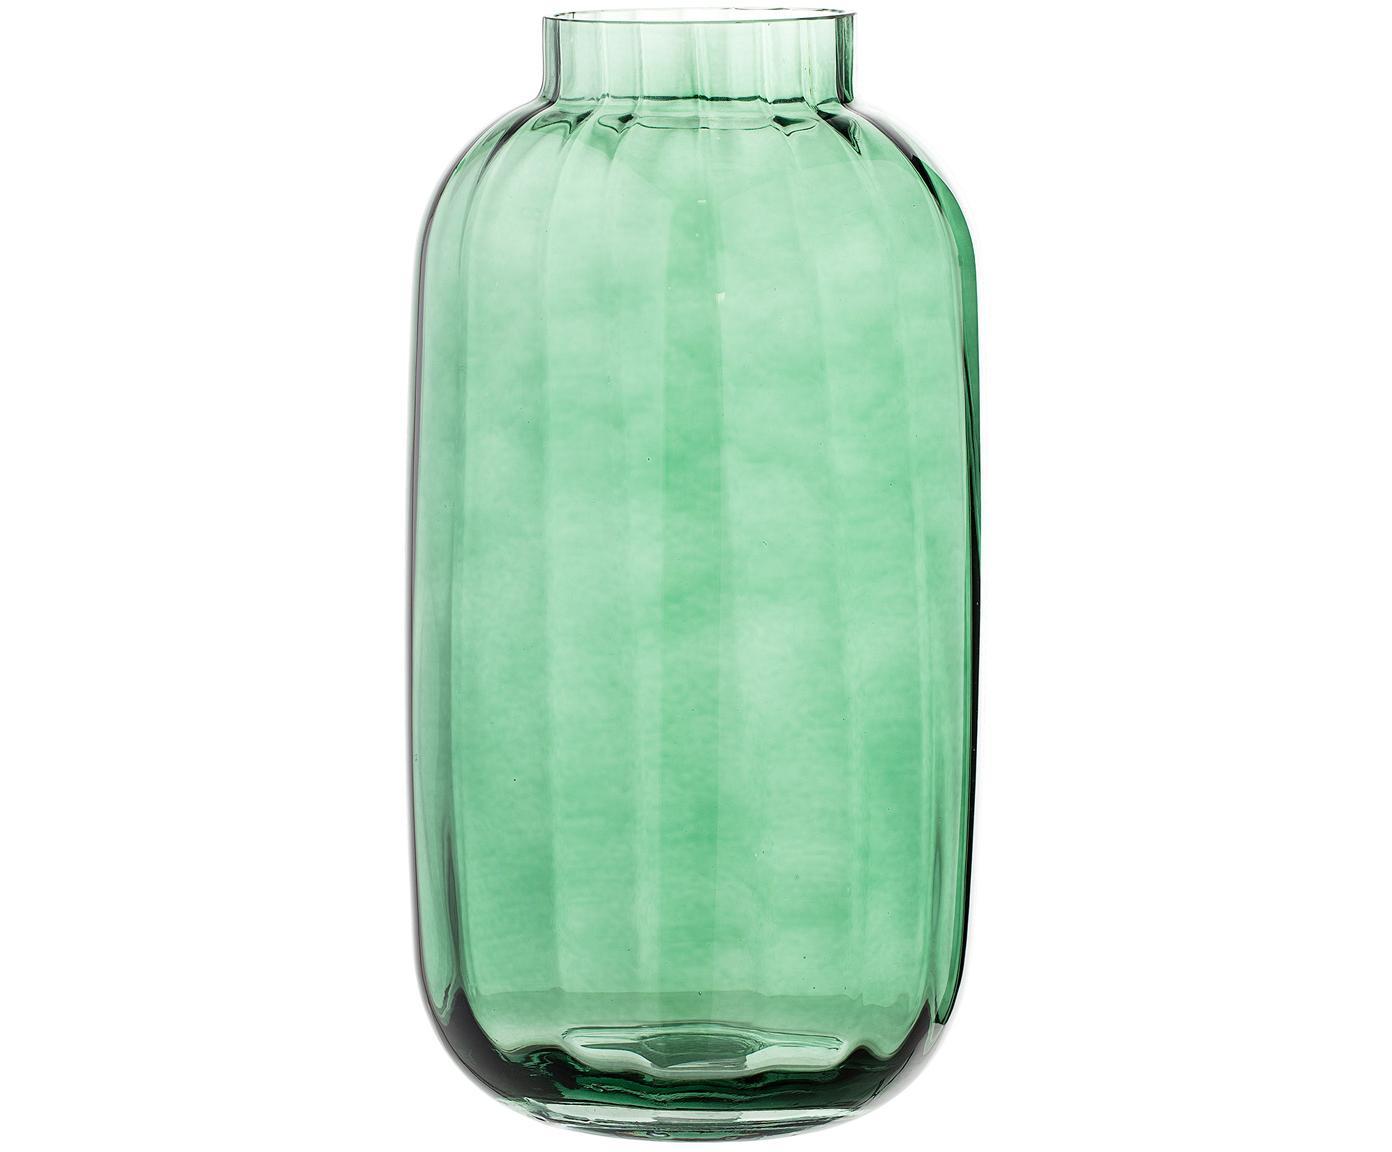 Duży wazon ze szkła dmuchanego Stina, Szkło, Jasny zielony, lekko transparentny, Ø 16 x W 32 cm